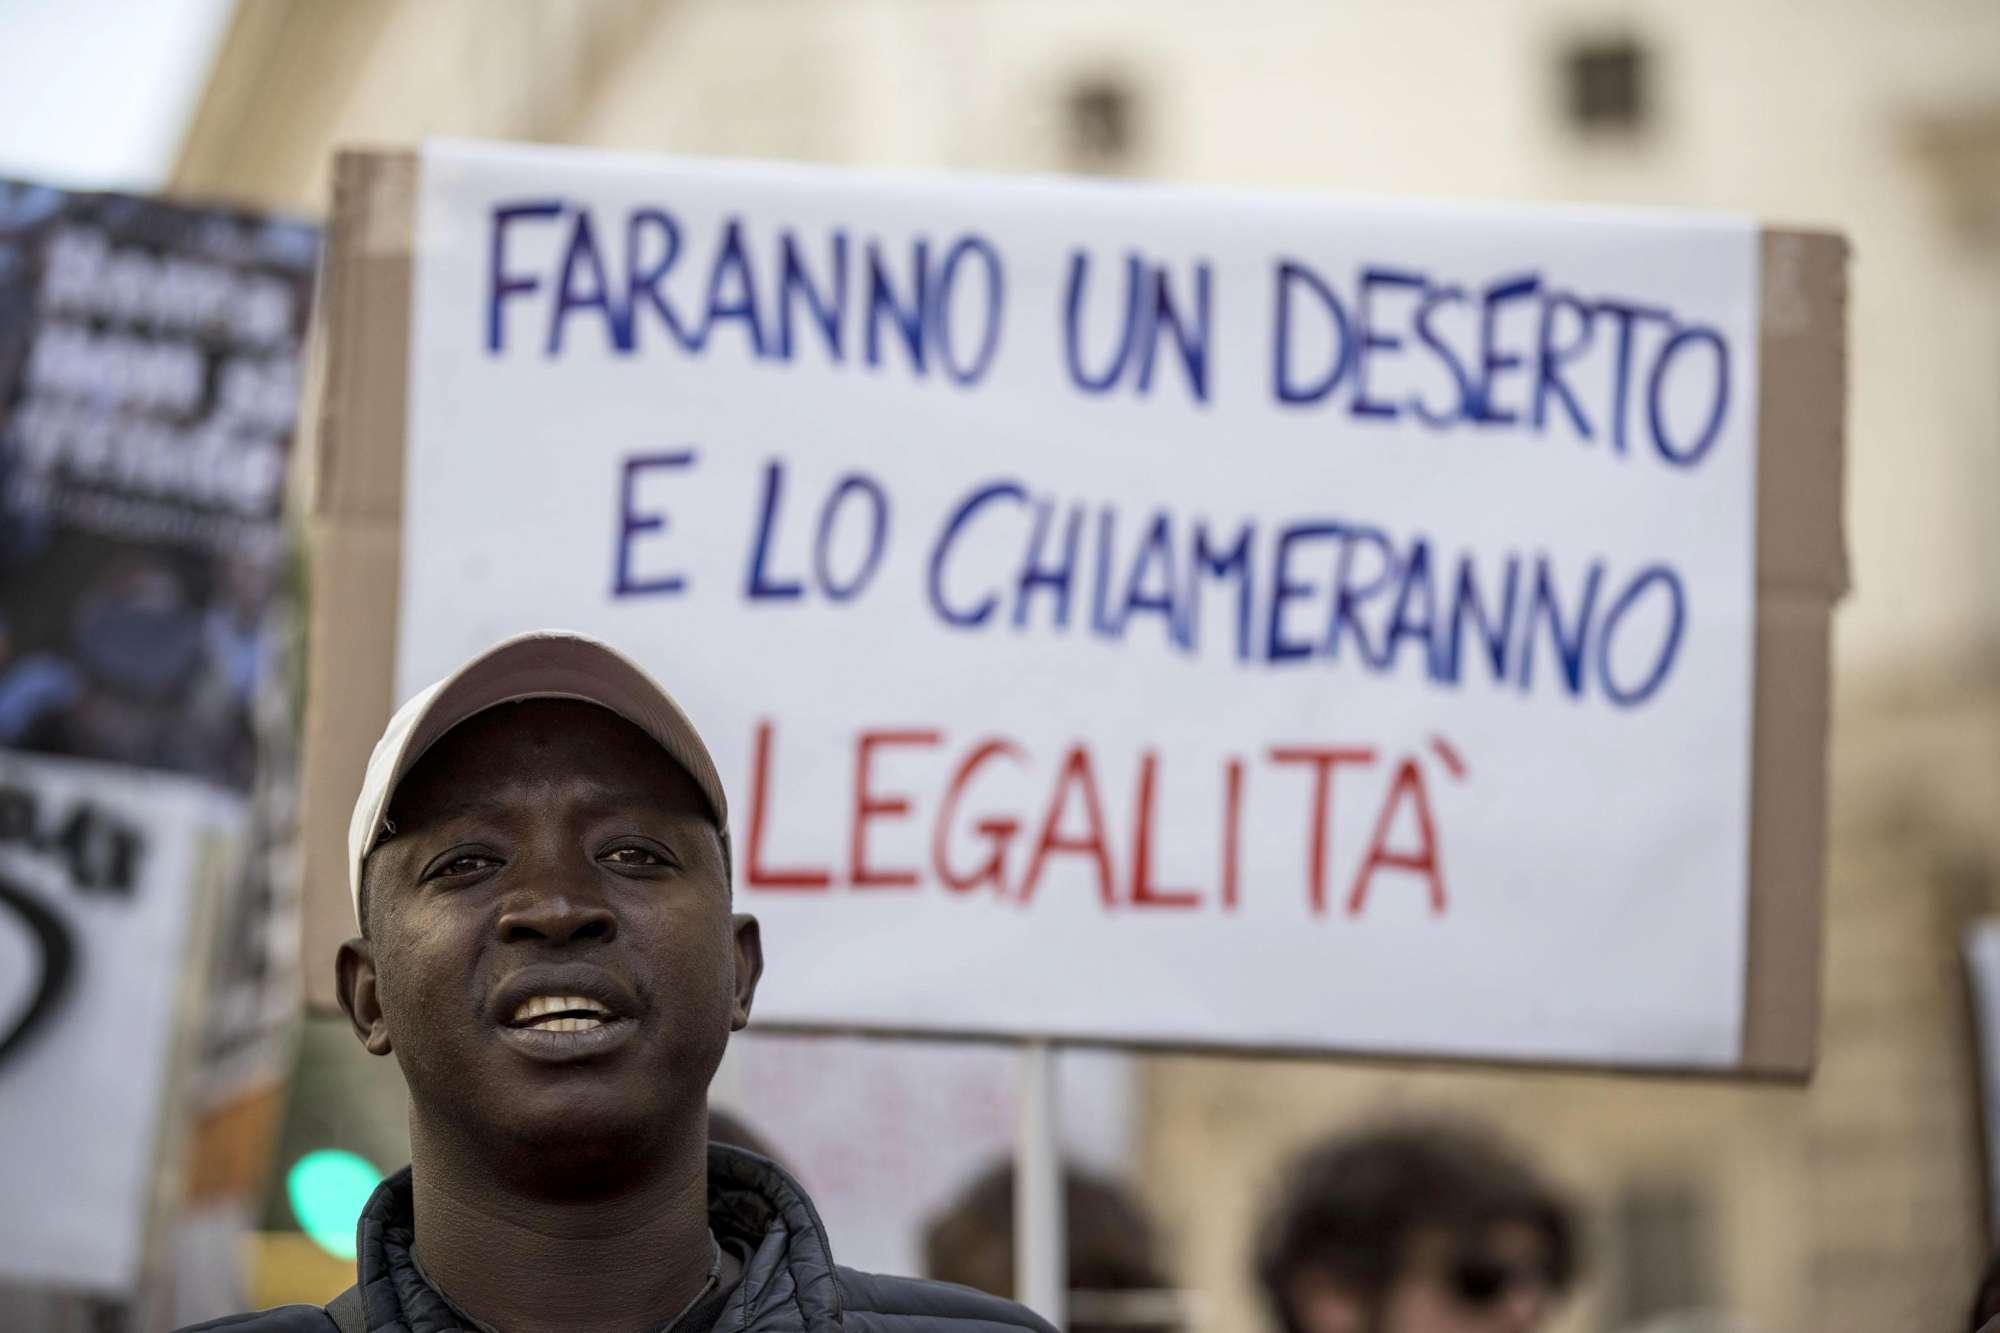 Ambulante morto, parenti e amici manifestano a Roma